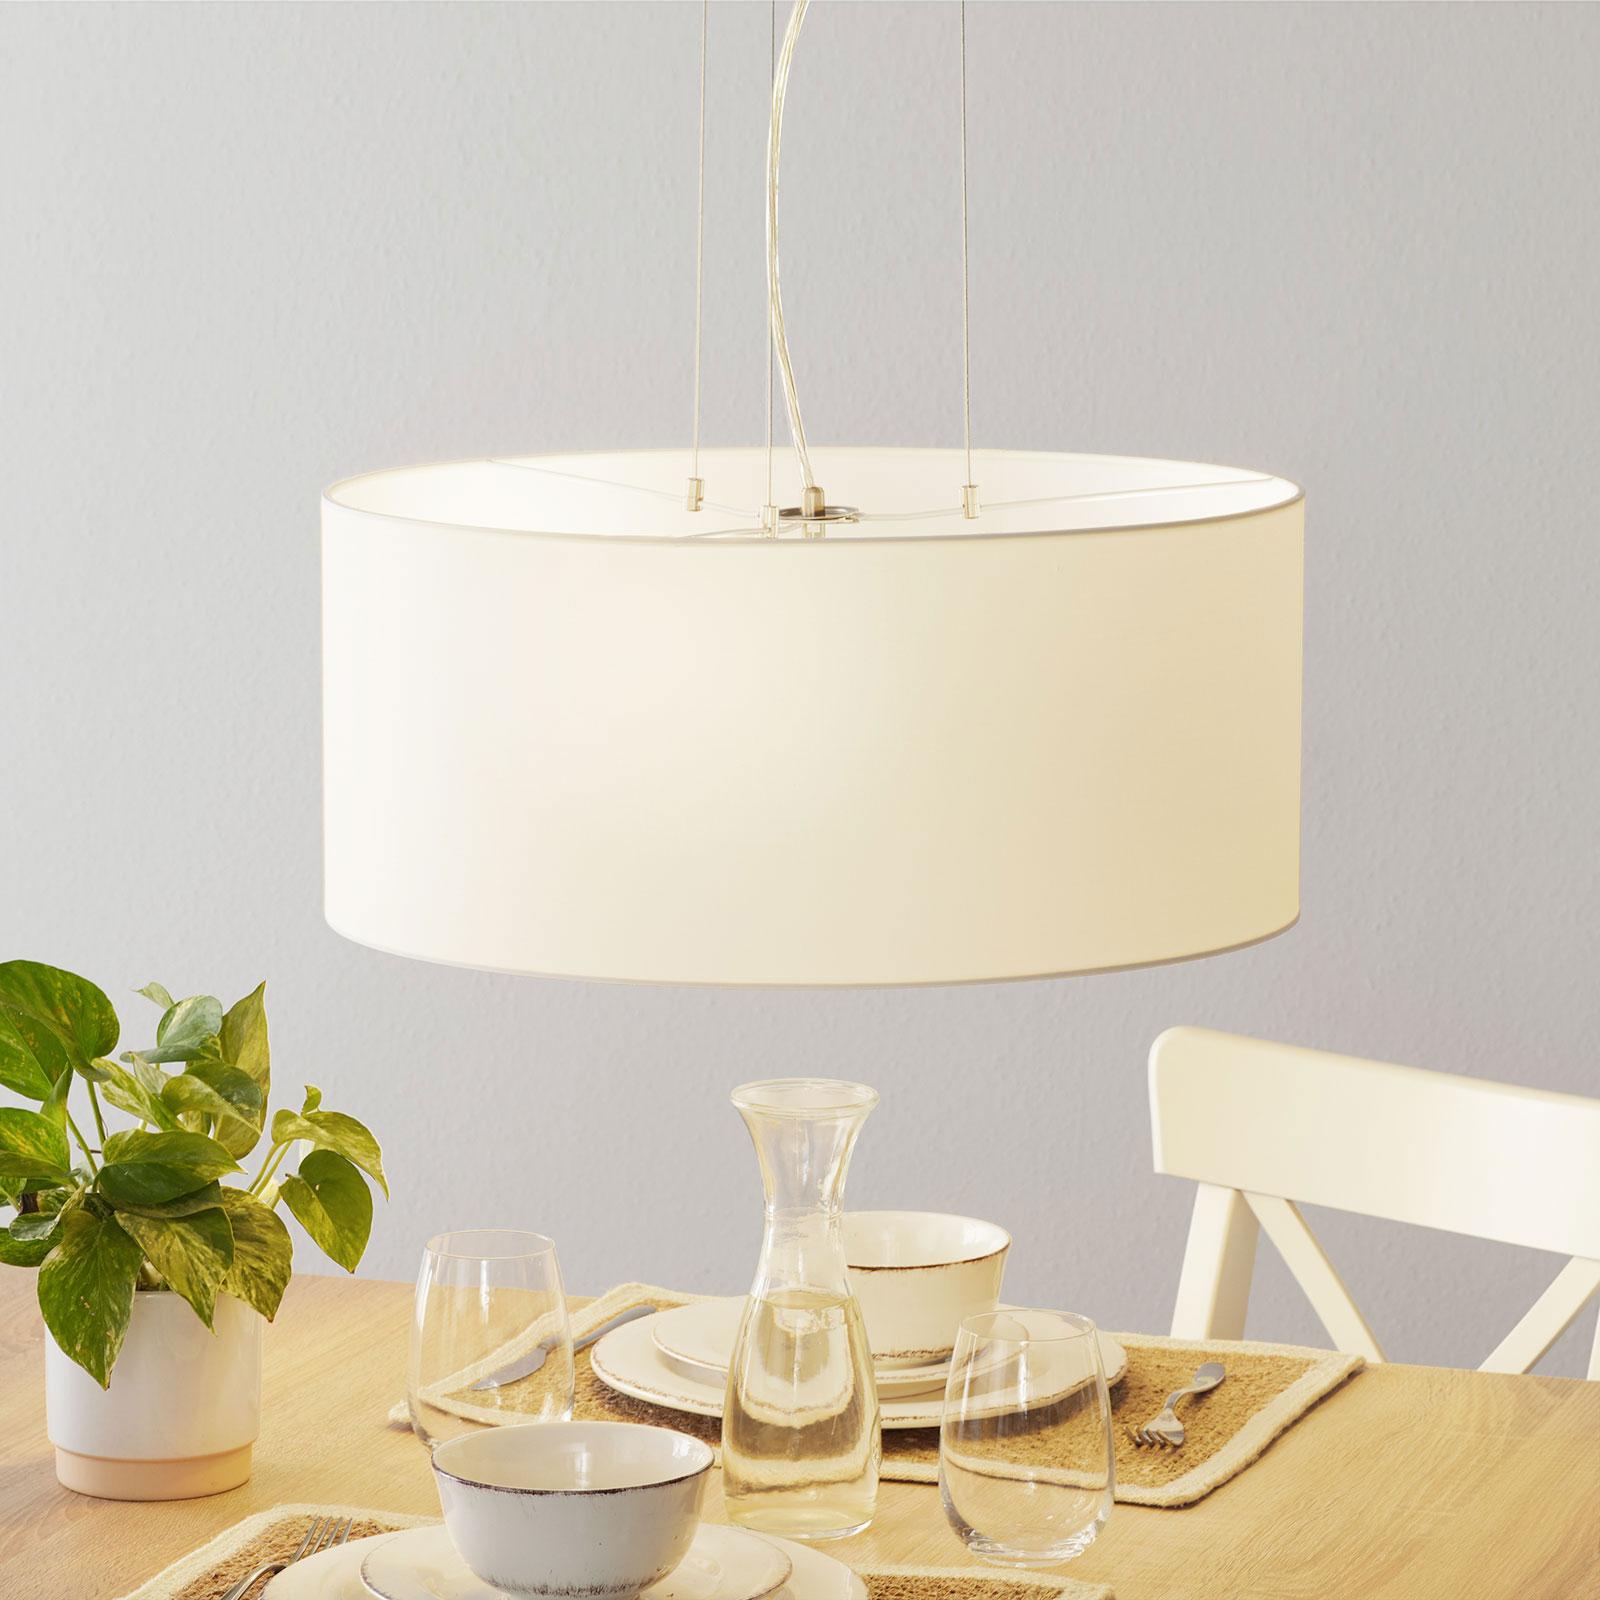 Lucande Patrik lampa wisząca Ø53cm biała